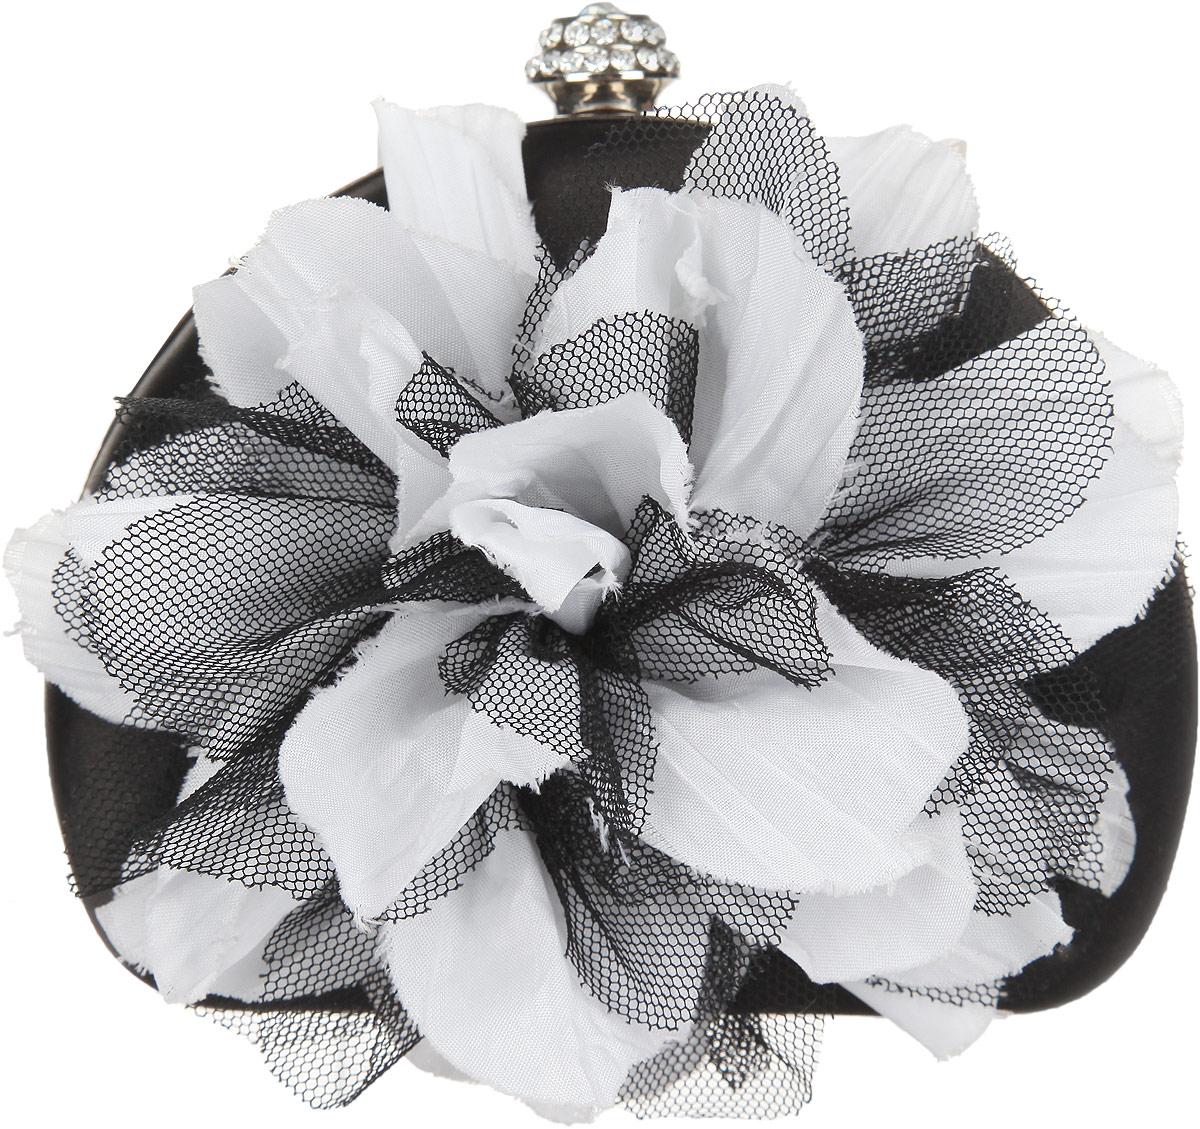 Клатч Fabretti, цвет: черный, белый. 84513-47670-00504Элегантный вечерний клатч Fabretti выполнен из полиэстера и металла. Изделие оформлено оригинальным цветком из текстиля, замок дополнен стразами.Изделие содержит одно отделение и закрывается на рамочный замок. Внутри расположено вместительное отделение. Клатч оснащен укороченным ремнем-цепочкой, который позволит носить изделие на запястье.Клатч Fabretti прекрасно завершит ваш праздничный образ.